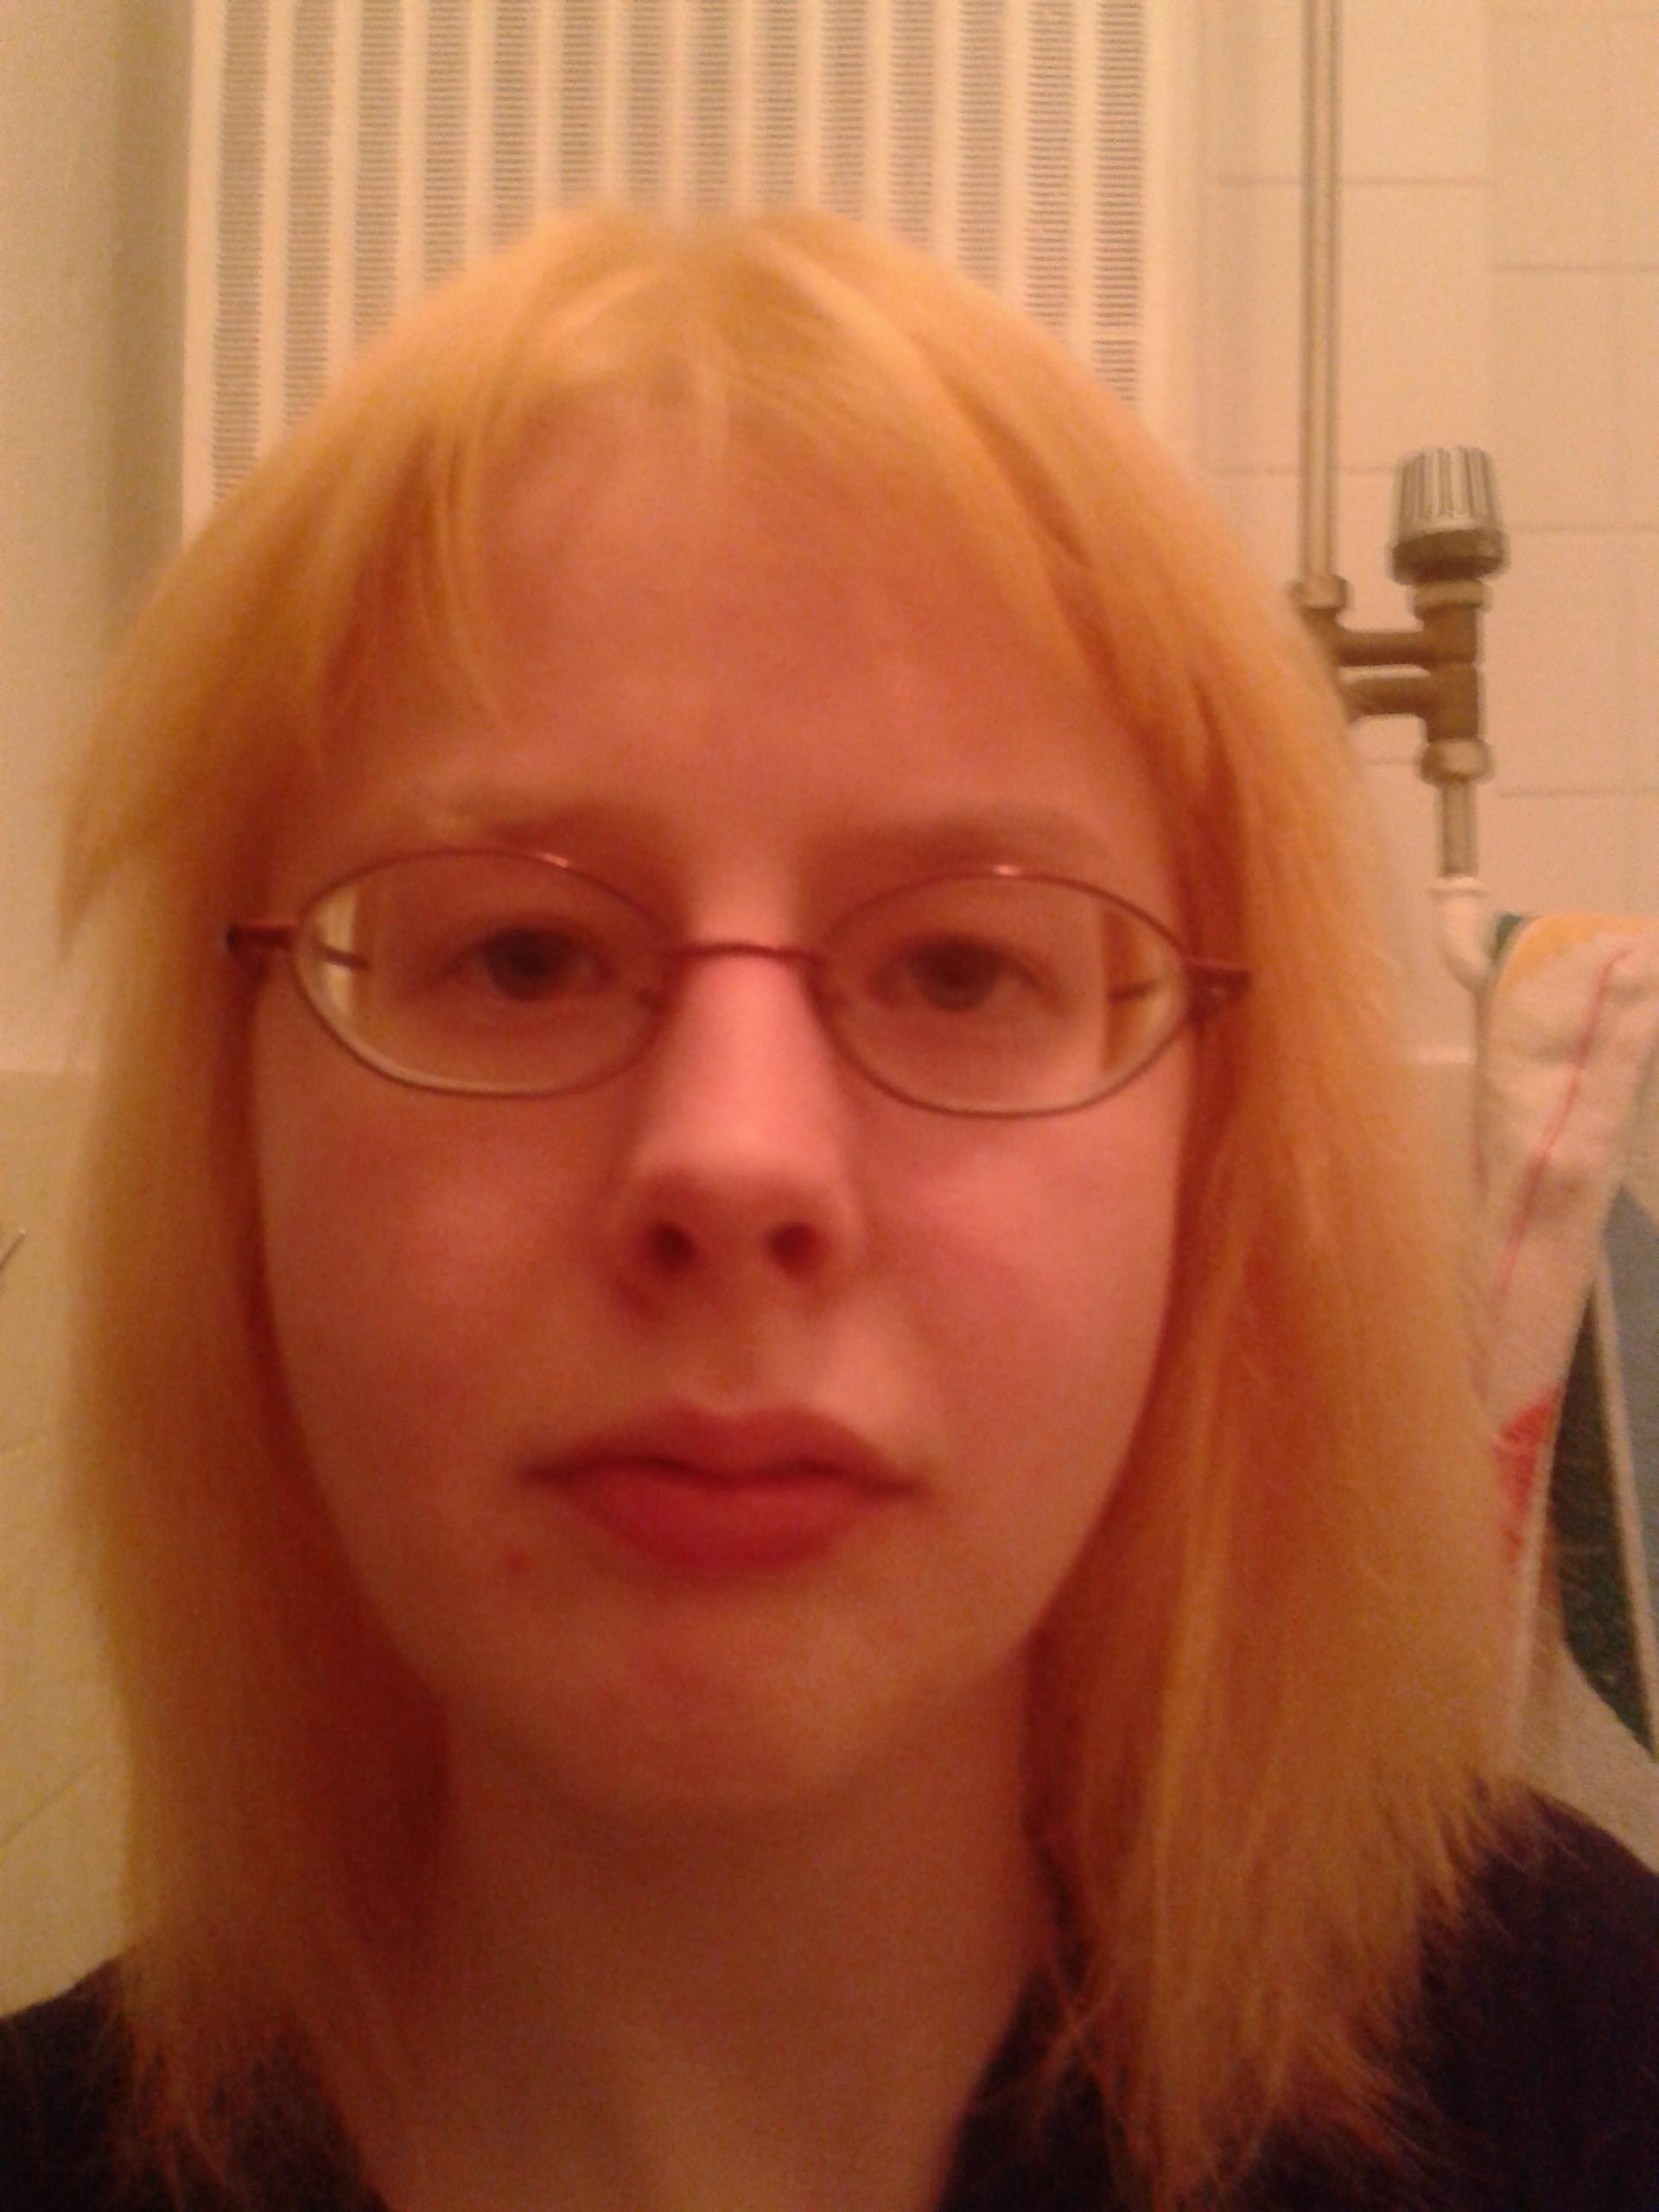 blondierte haare schoko braun f rben farbe. Black Bedroom Furniture Sets. Home Design Ideas